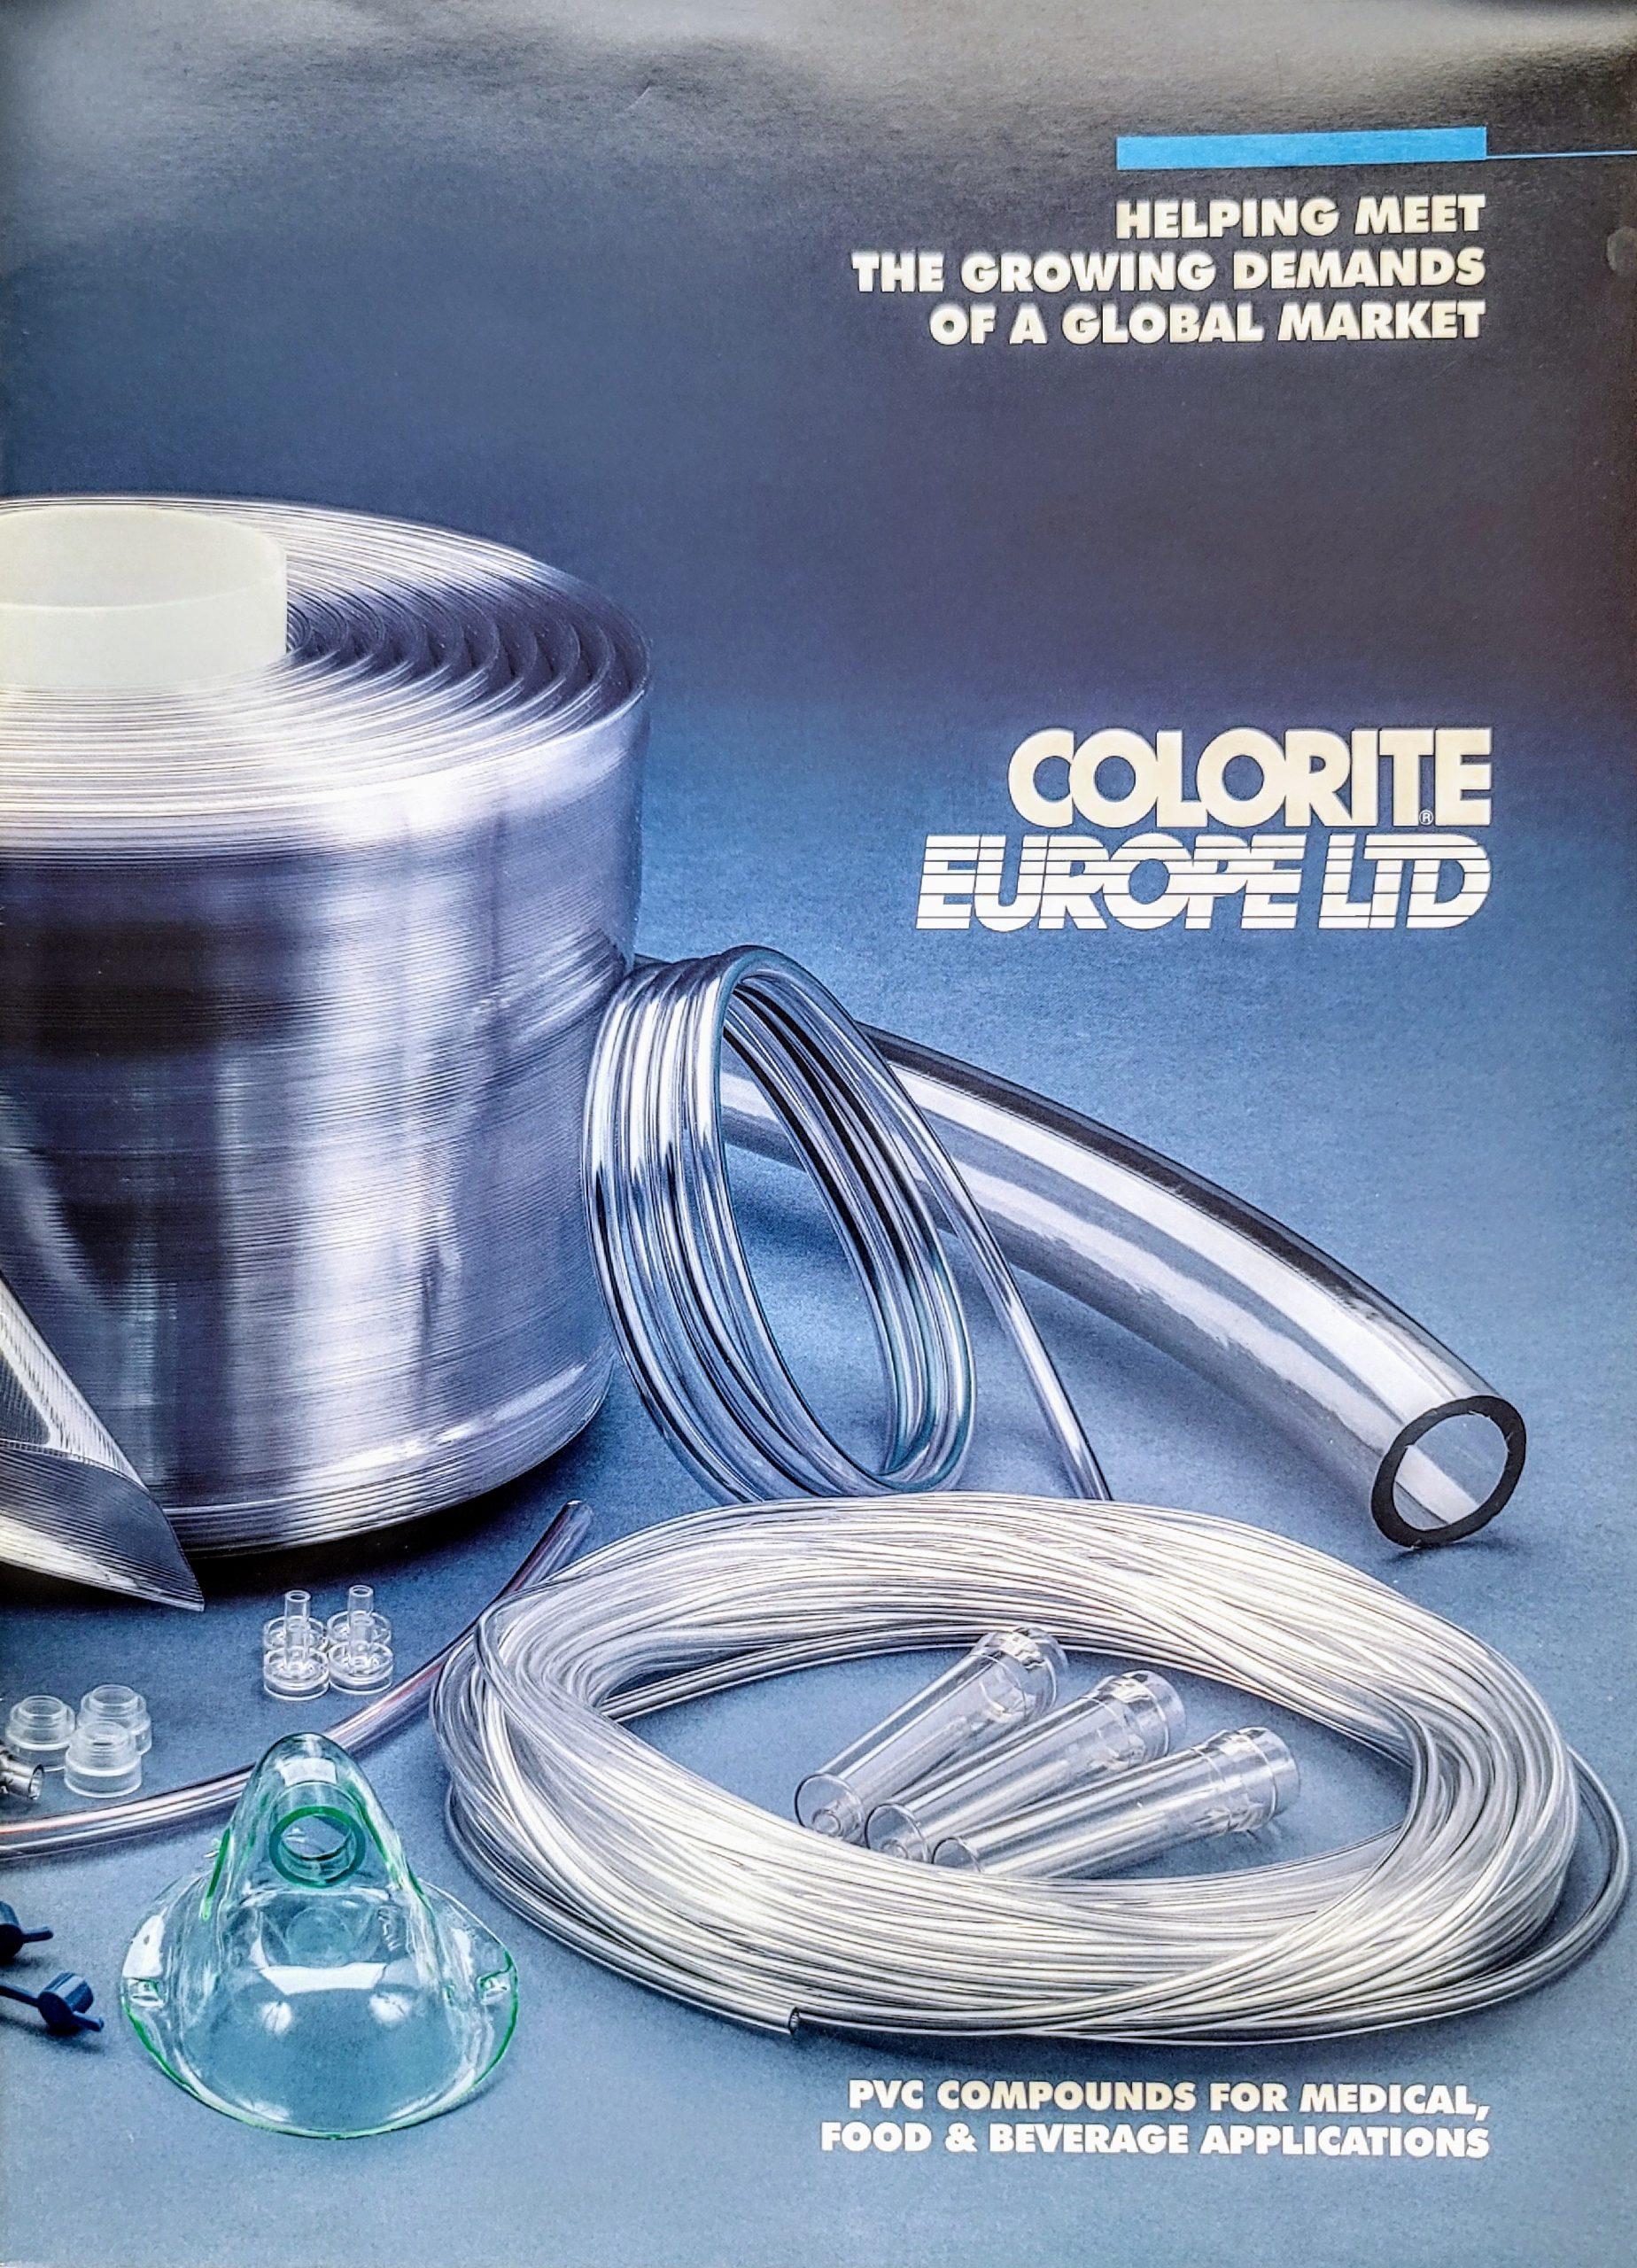 colorite europe_brochure_1